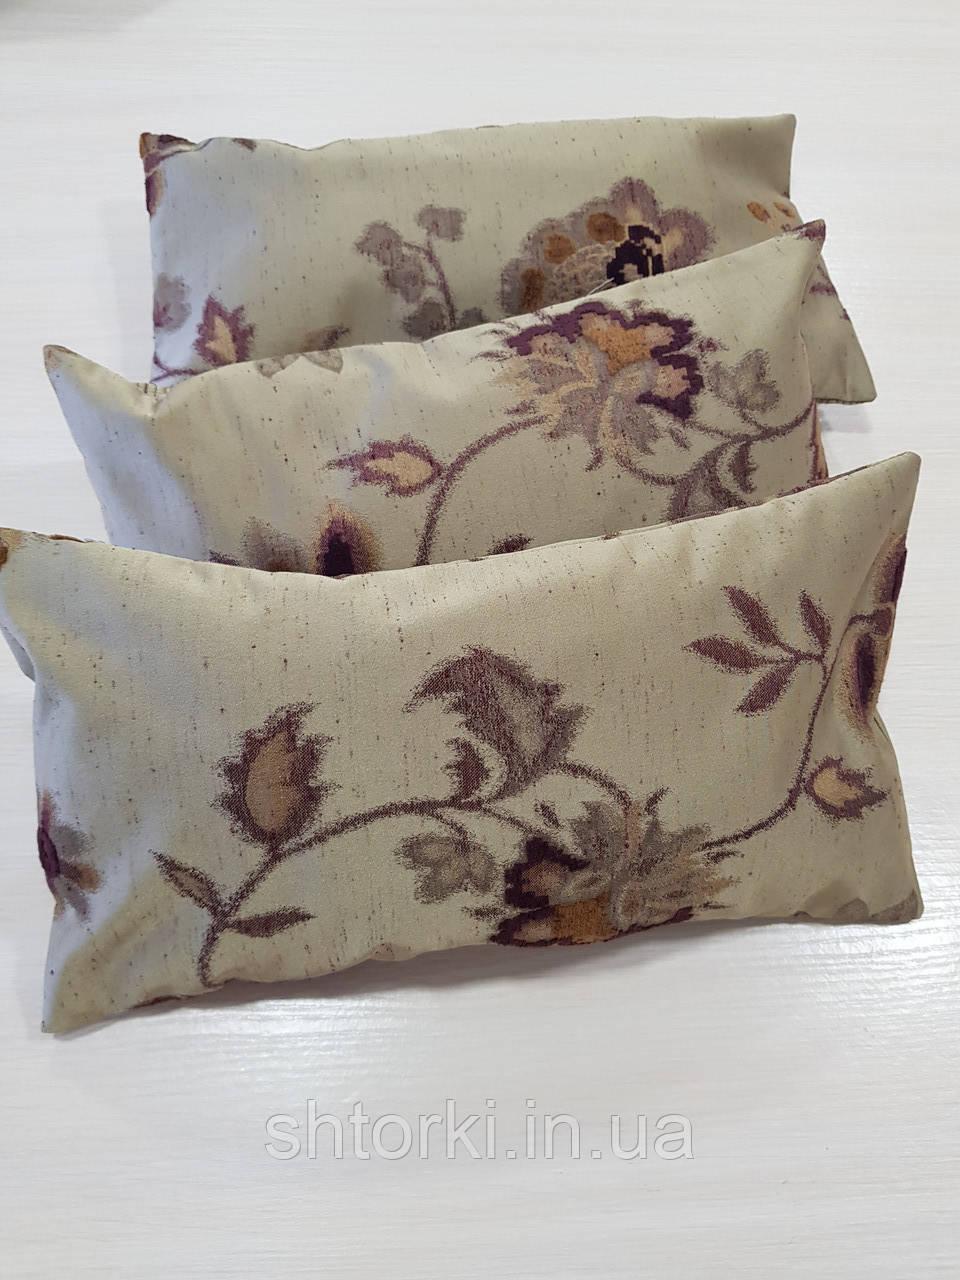 Комплект подушек  песочные с цветами 3шт